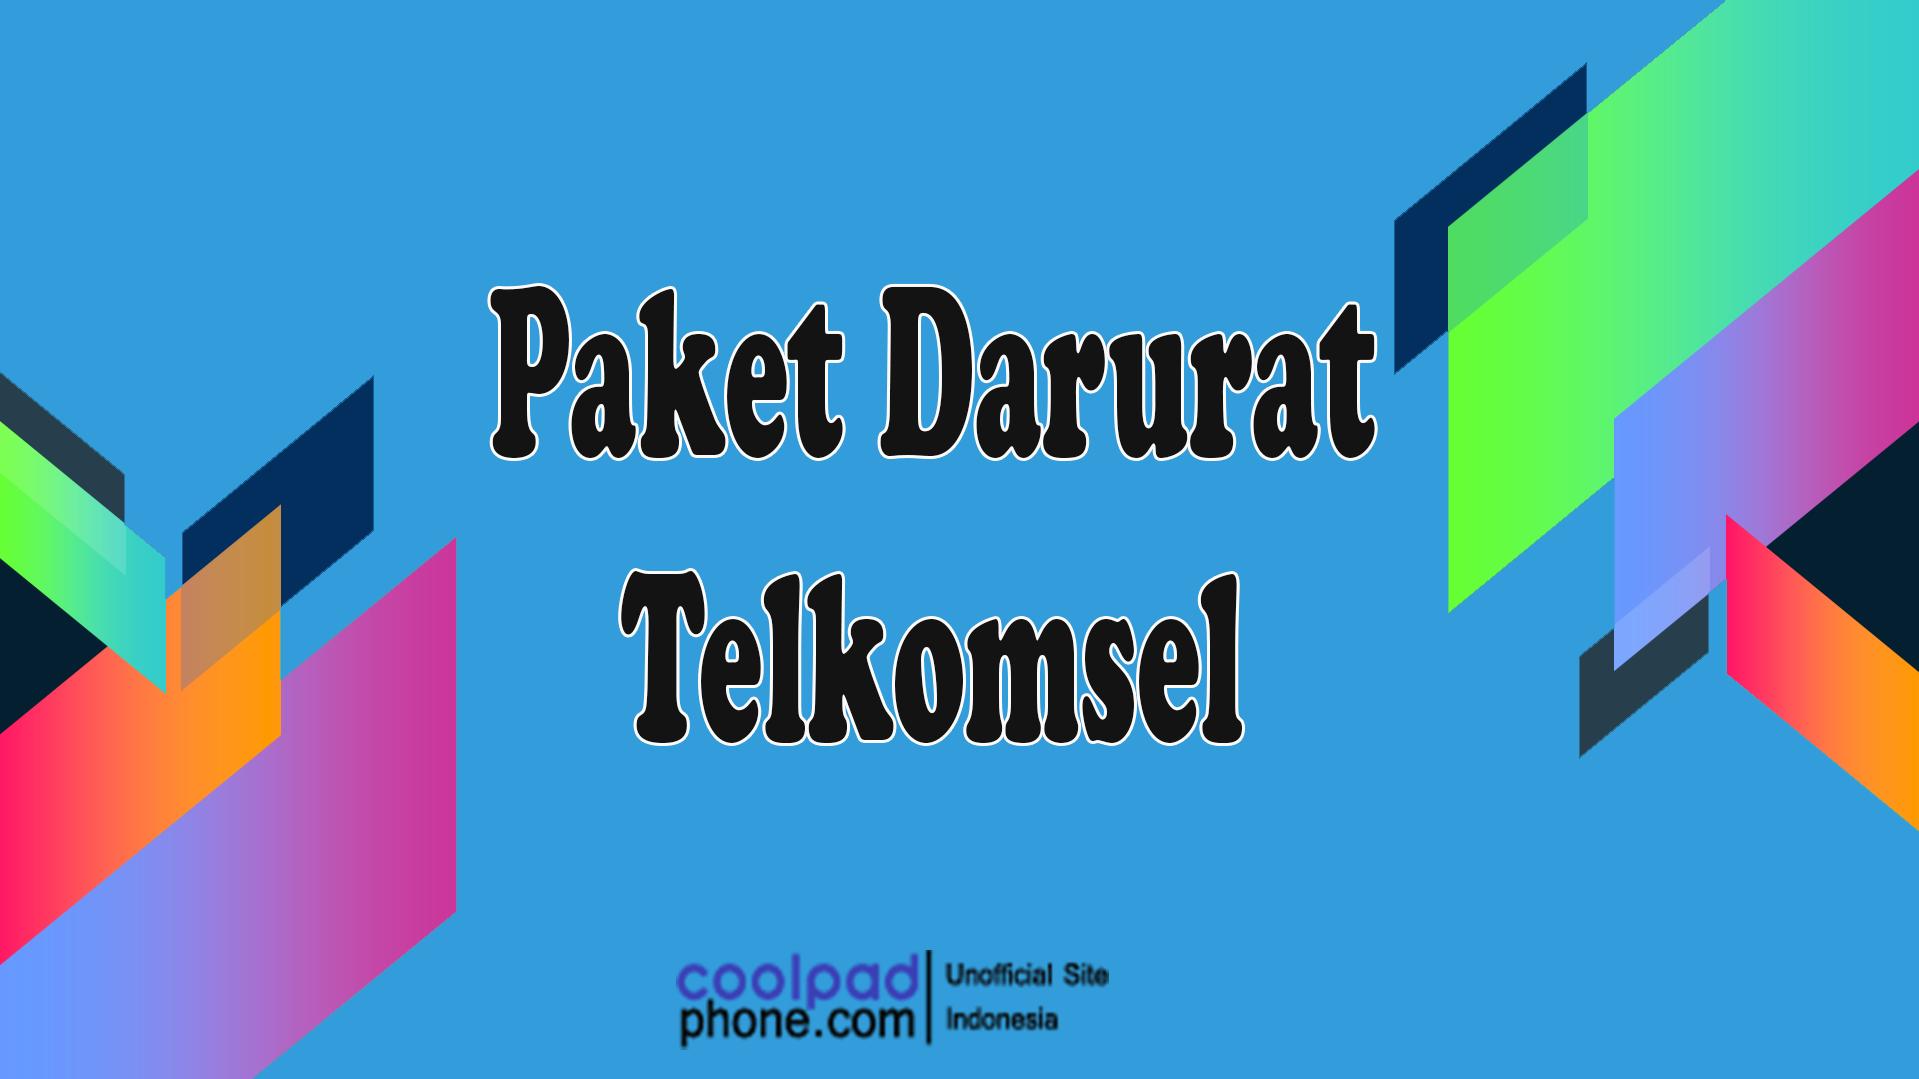 paket-darurat-telkomsel